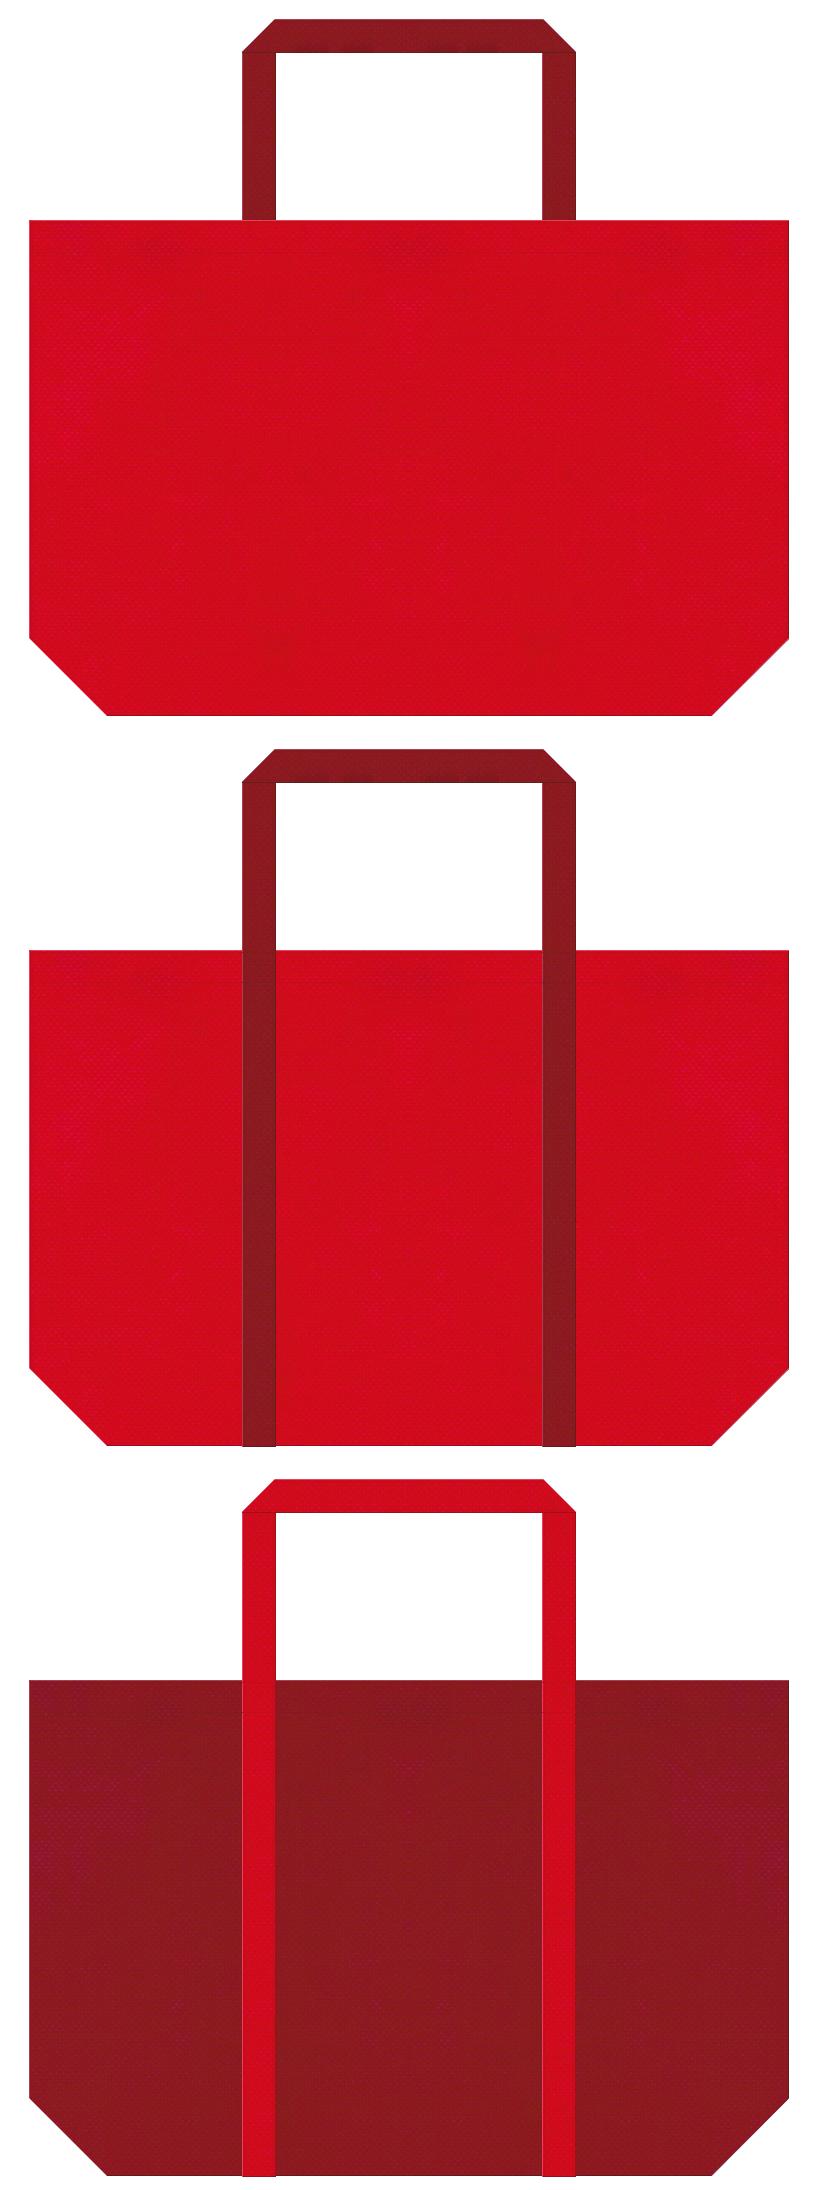 鎧兜・端午の節句・赤備え・お城イベント・紅葉・観光土産・慶事・還暦祝い・サンタクロース・クリスマスセール・暖炉・ストーブ・お正月・宝船・happy bag・福袋にお奨めの不織布バッグデザイン:紅色とエンジ色のコーデ